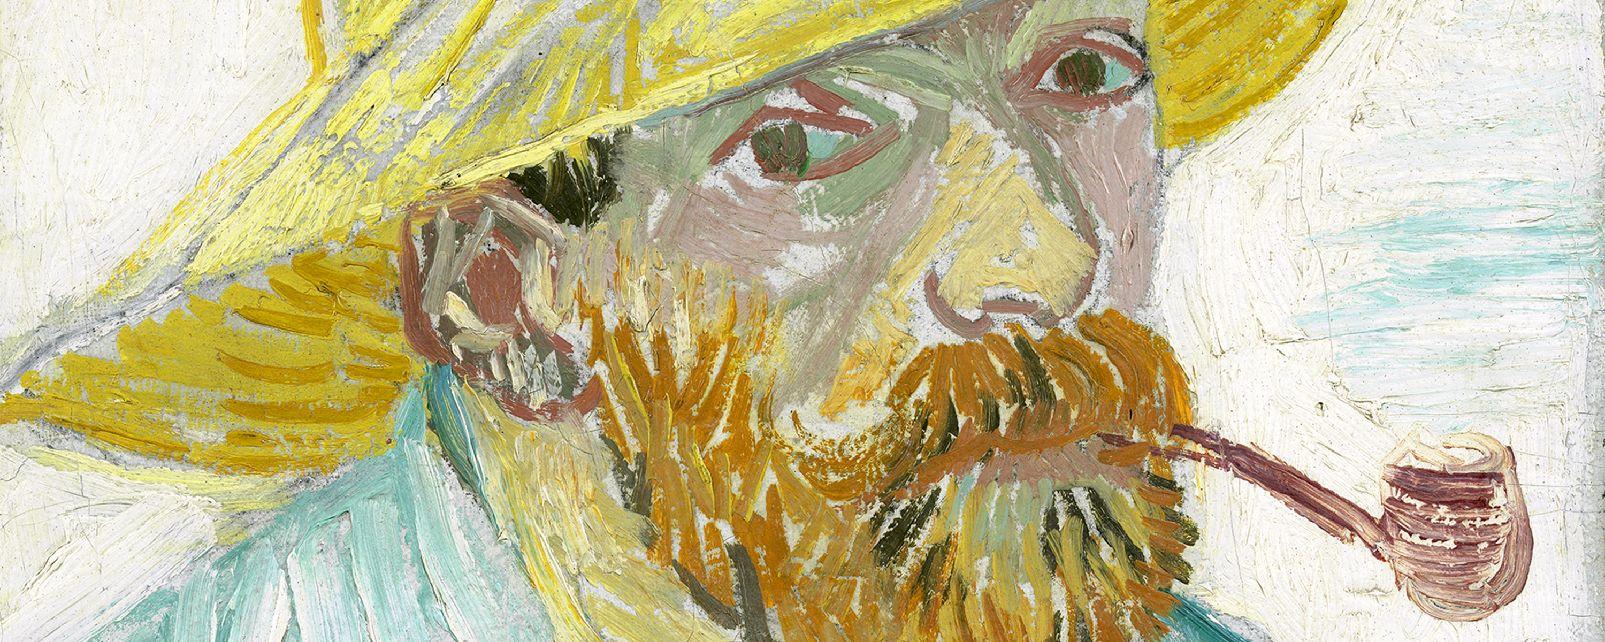 Fondation Van Gogh , L'entrée de la Fondation Van Gogh , France